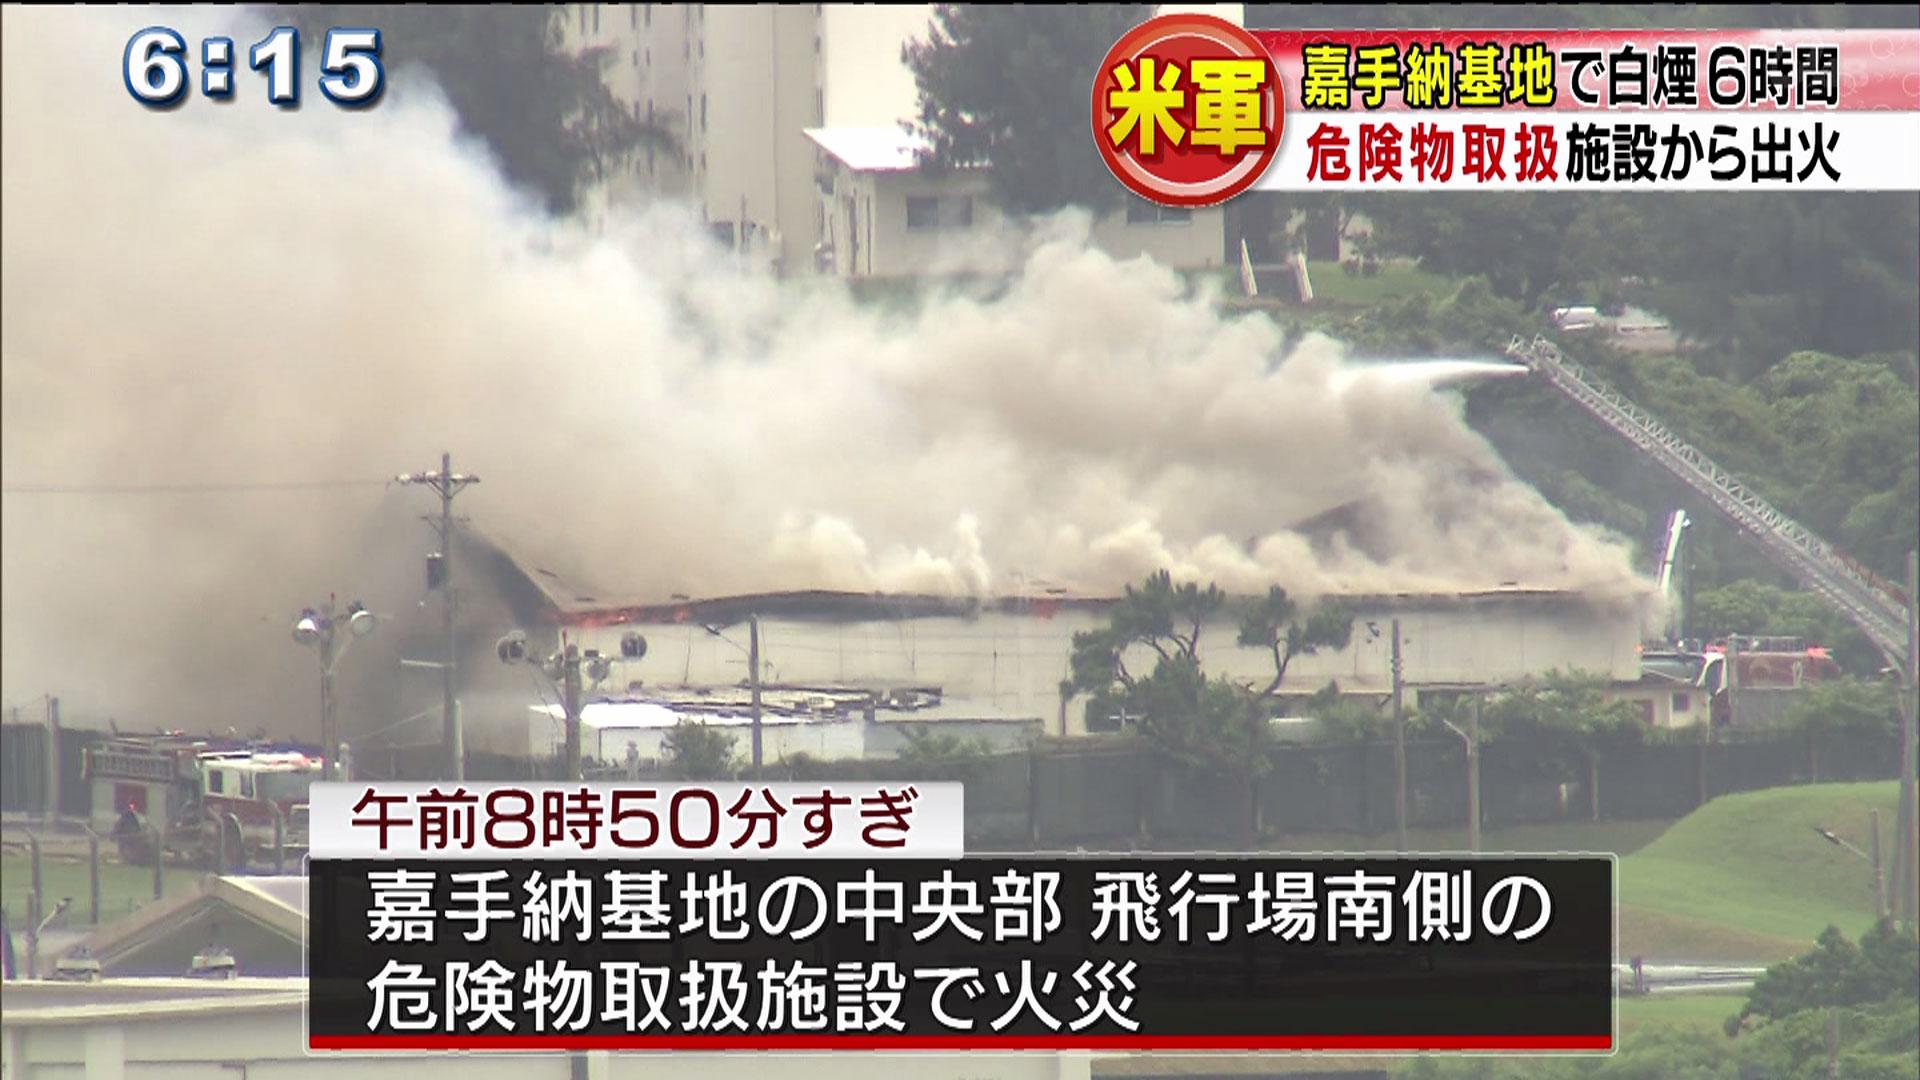 嘉手納基地内の危険物取扱施設で火災 約6時間白煙